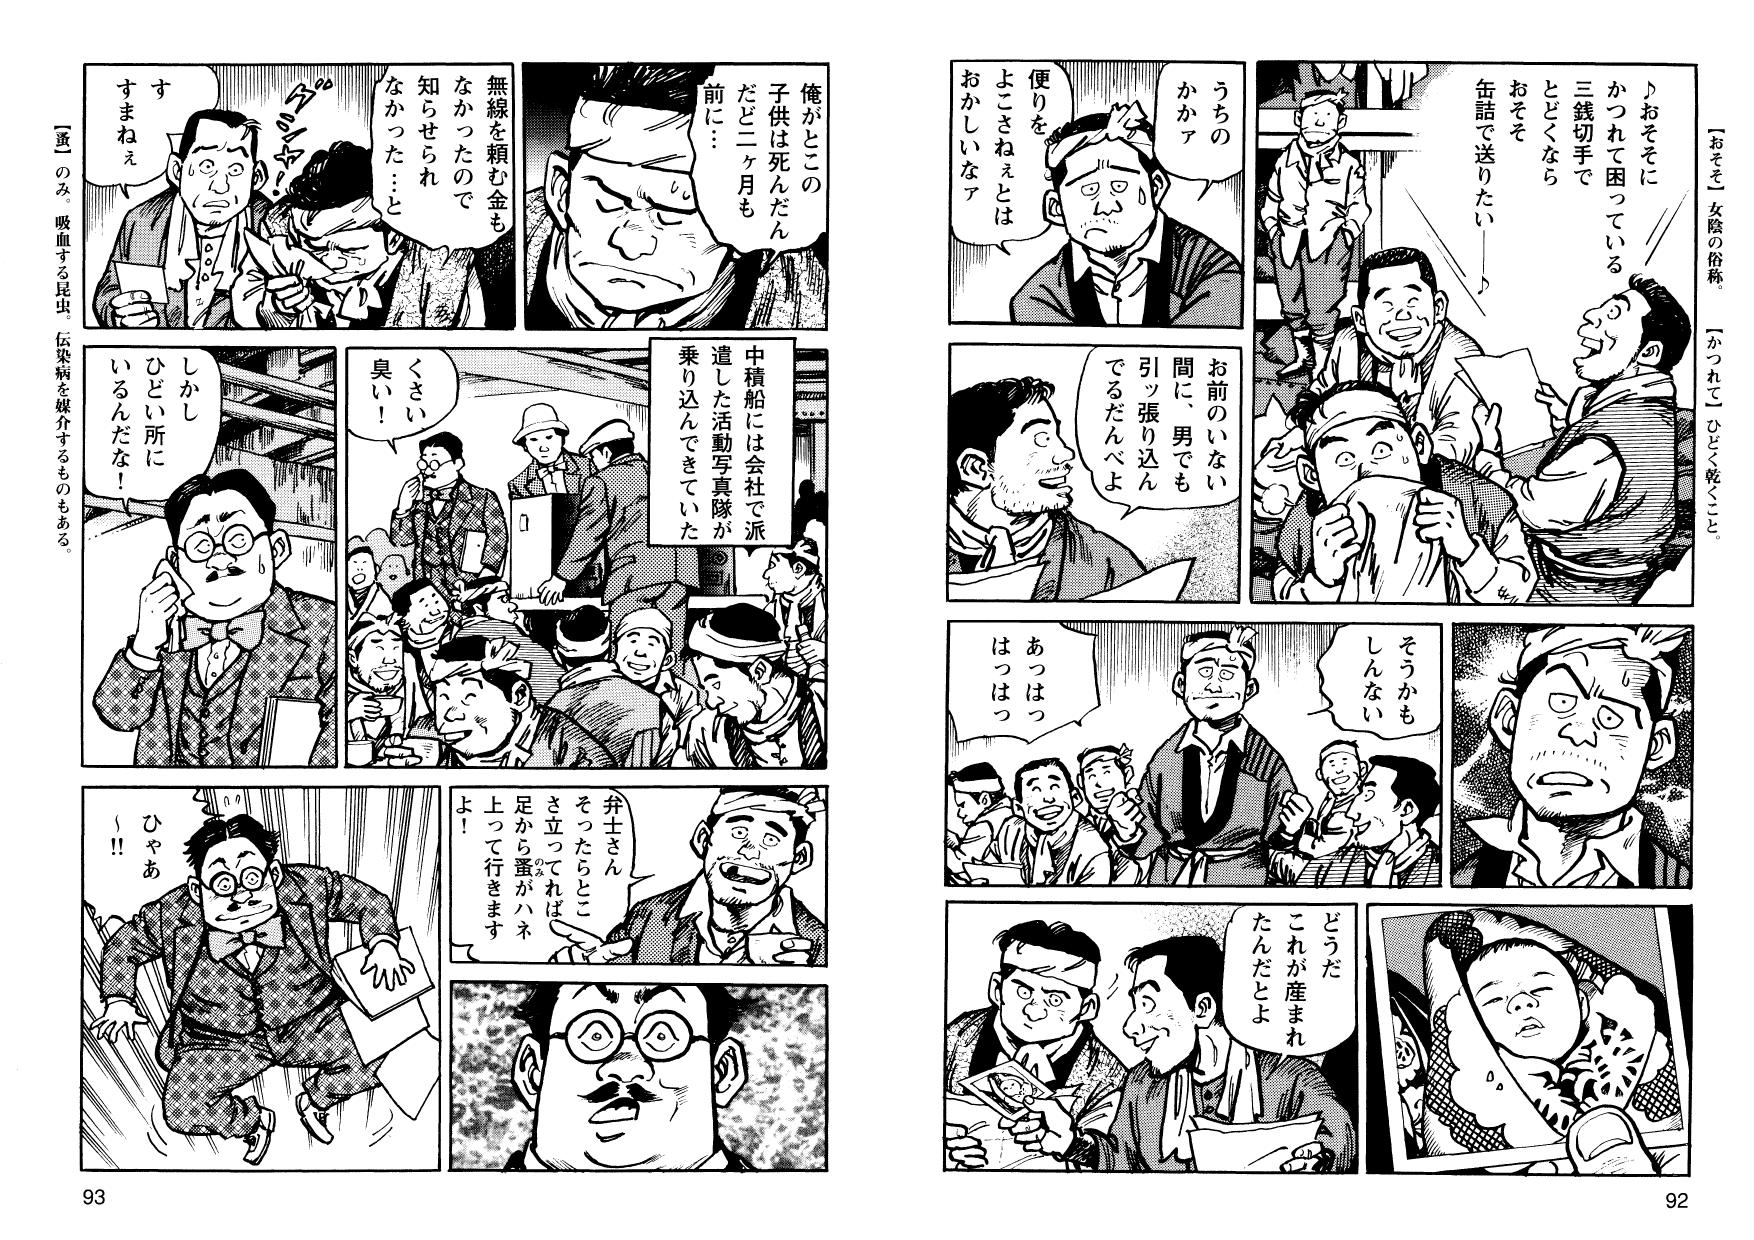 kani_cmc_000047.jpg